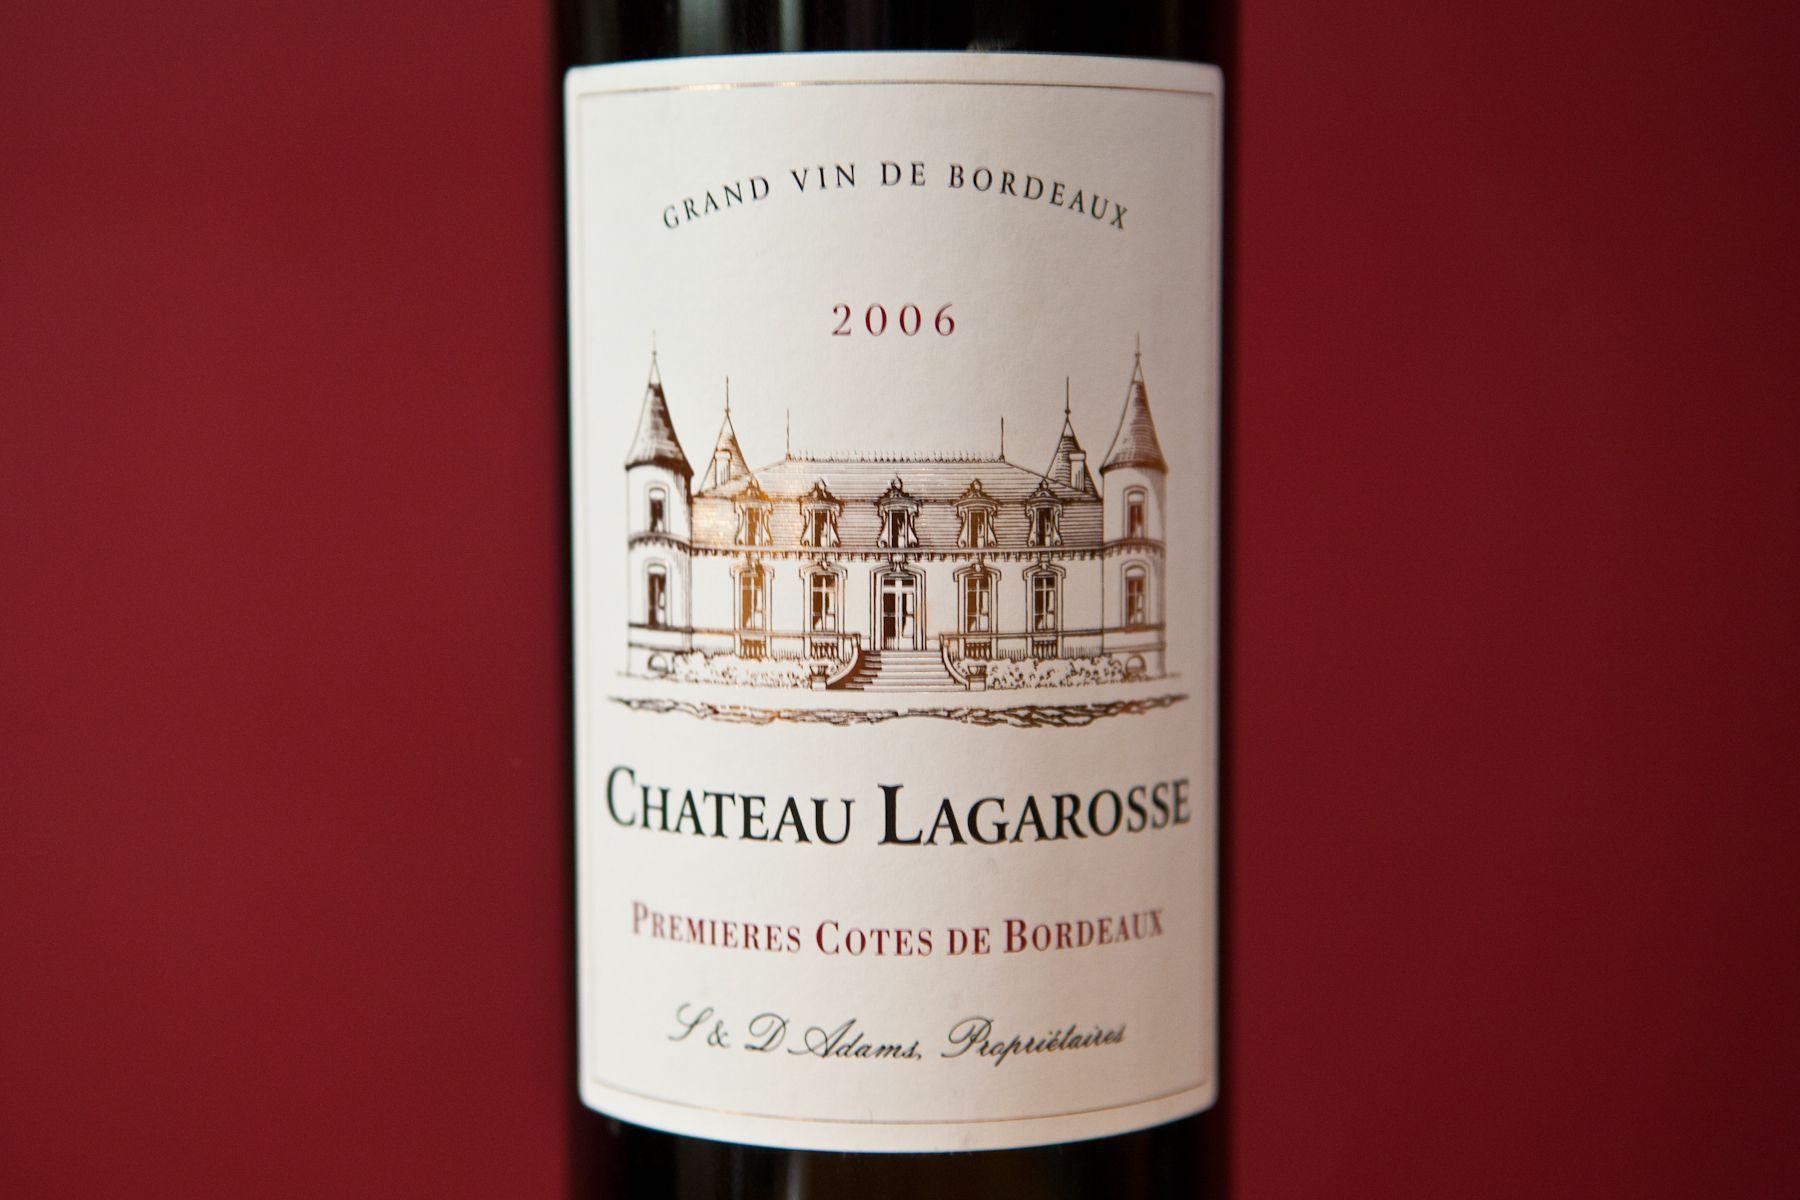 Chateau Lagarosse Cotes De Bordeaux Organic Wine Wine Bottle Wines